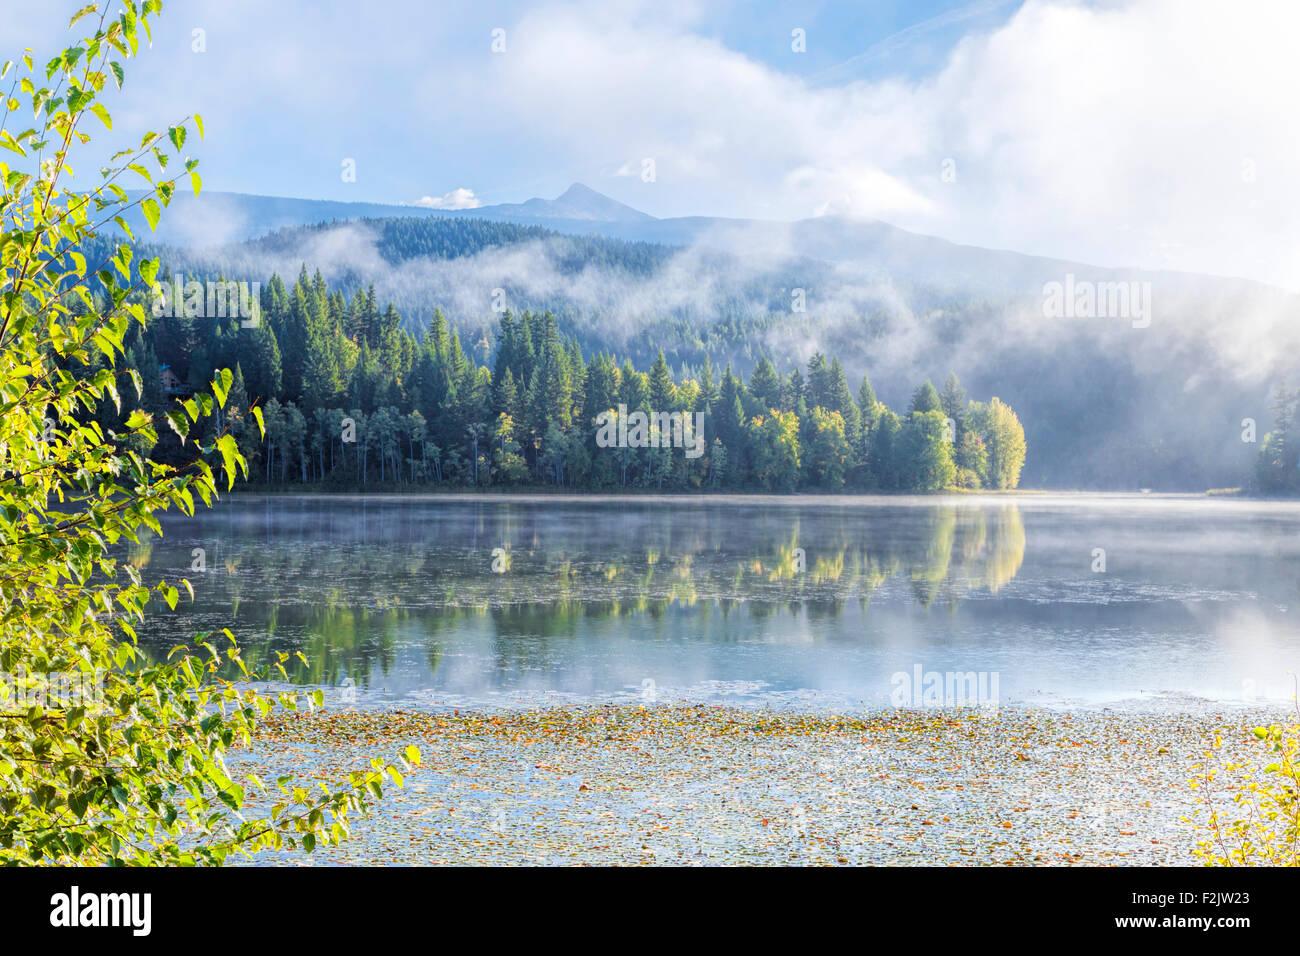 Amanecer brumoso y Scénic reflexiones sobre el lago holandés en Clearwater, British Columbia, Canadá, América del Norte. Foto de stock